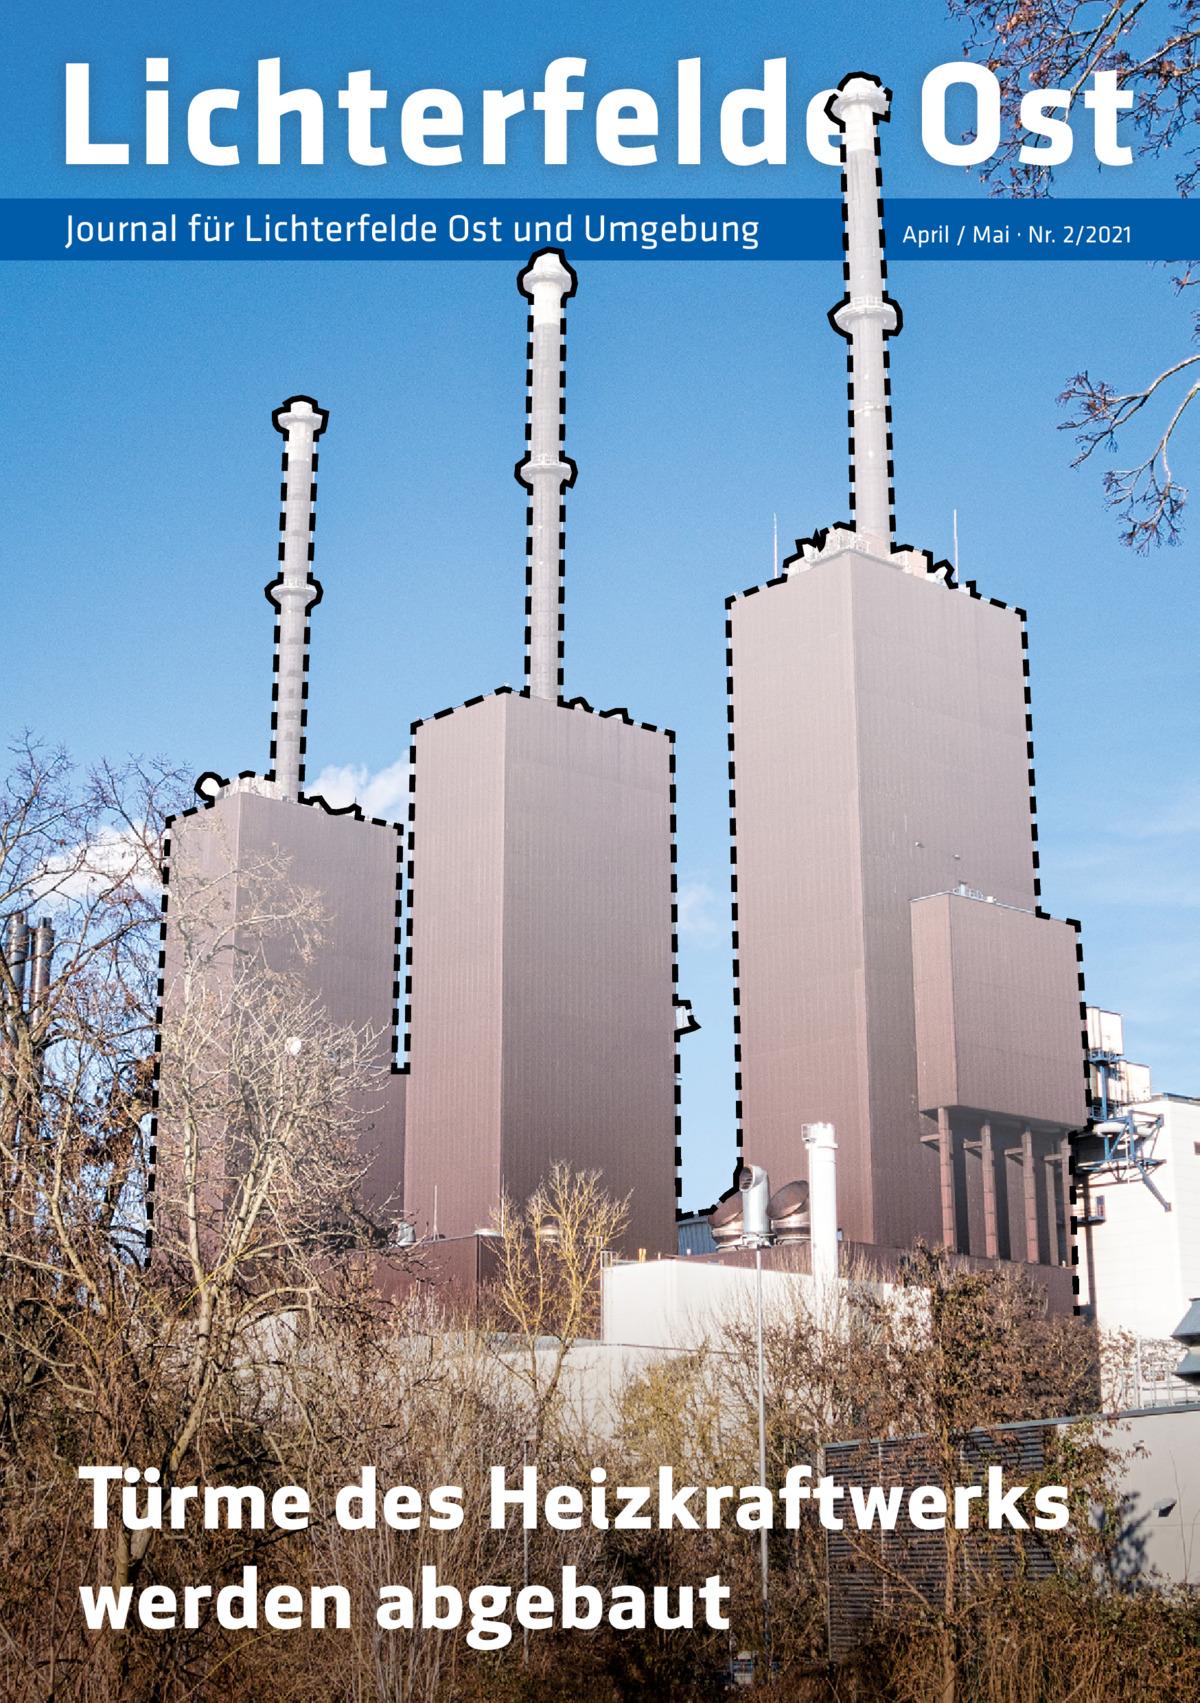 Lichterfelde Ost Journal für Lichterfelde Ost und Umgebung  April / Mai · Nr. 2/2021  Türme des Heizkraftwerks werden abgebaut